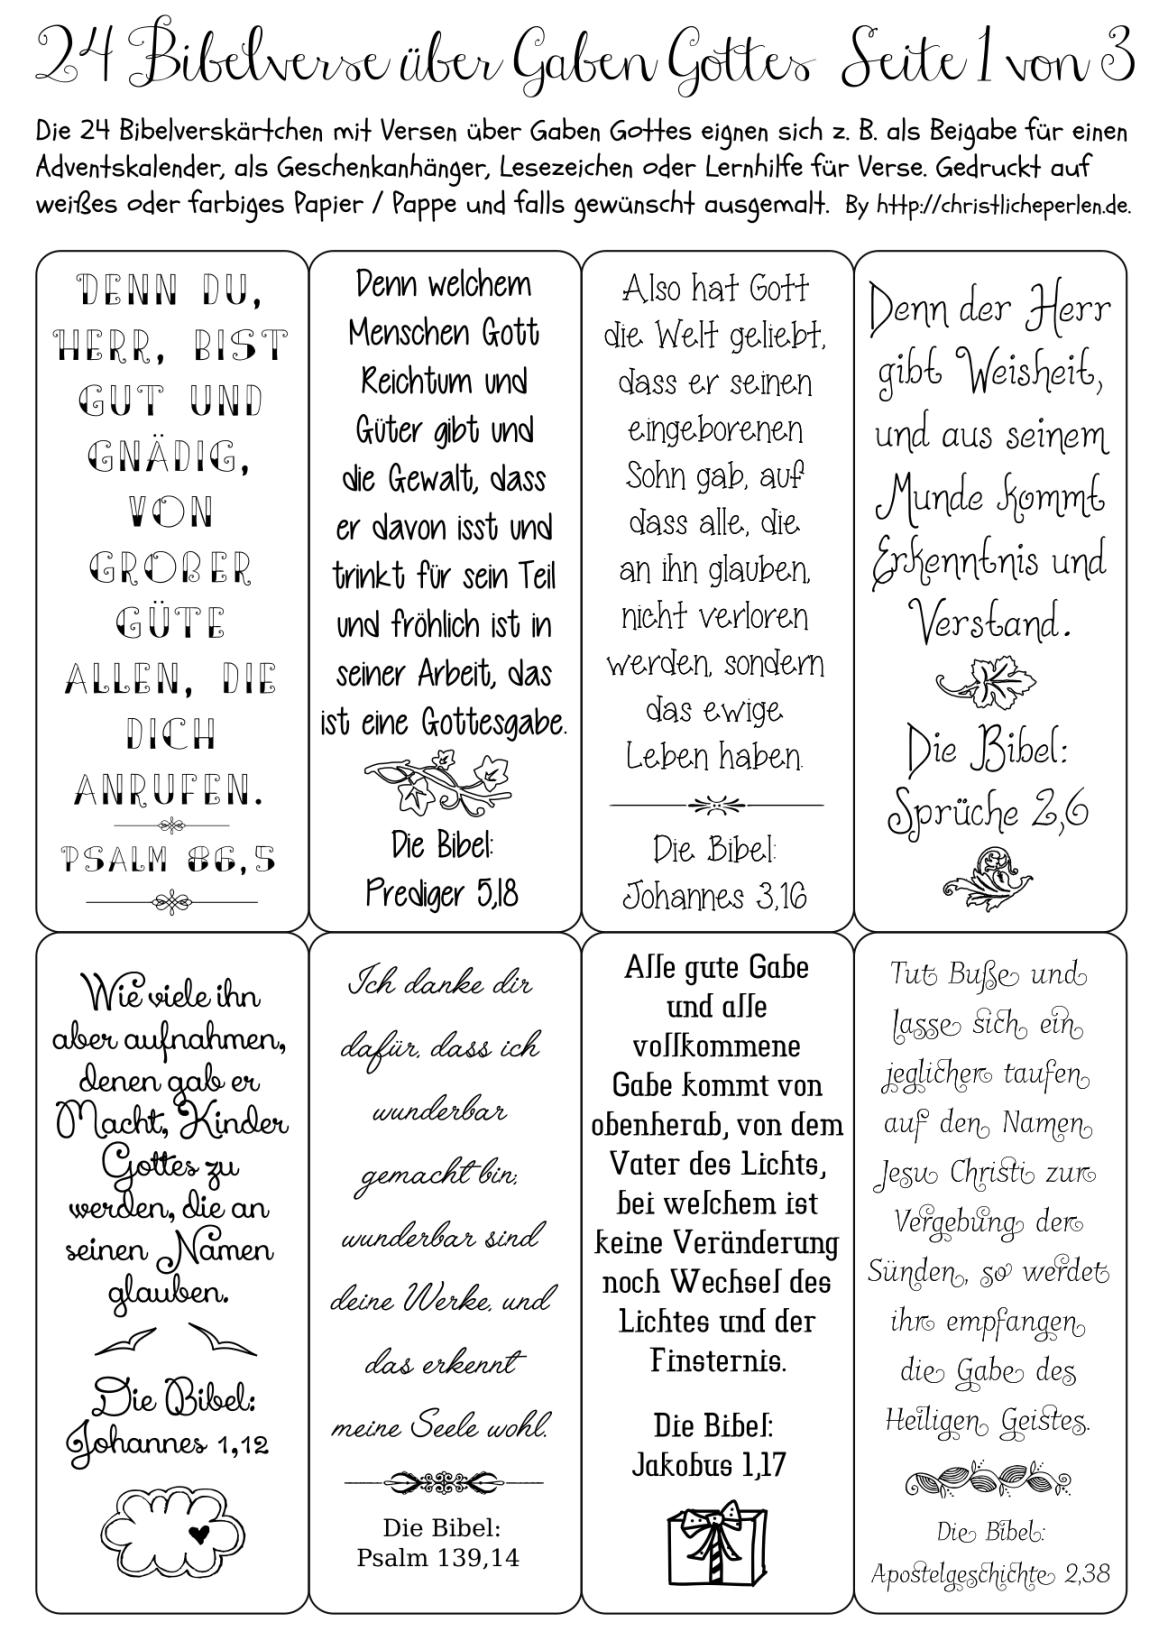 24 Bibelverse Z B Fur Einen Adventskalender Christliche Perlen Adventkalender Adventskalender Bibel Vers